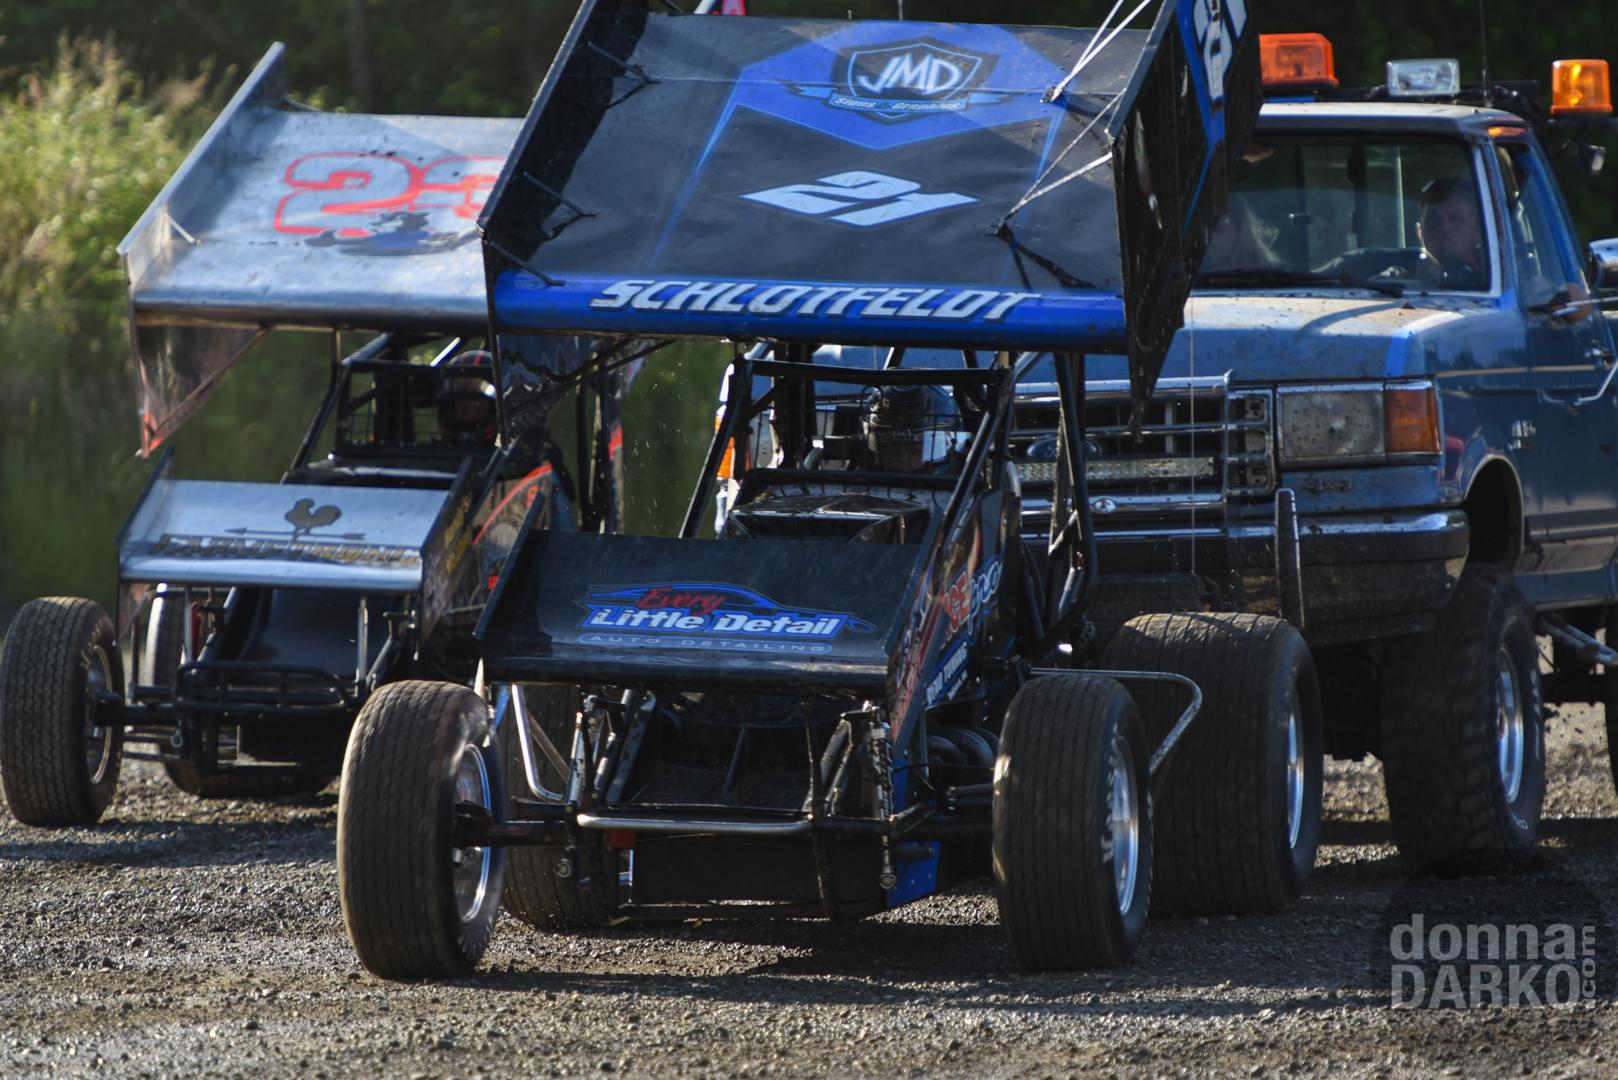 Sagit Speedway 6-8-19 -DSC_5542.jpg